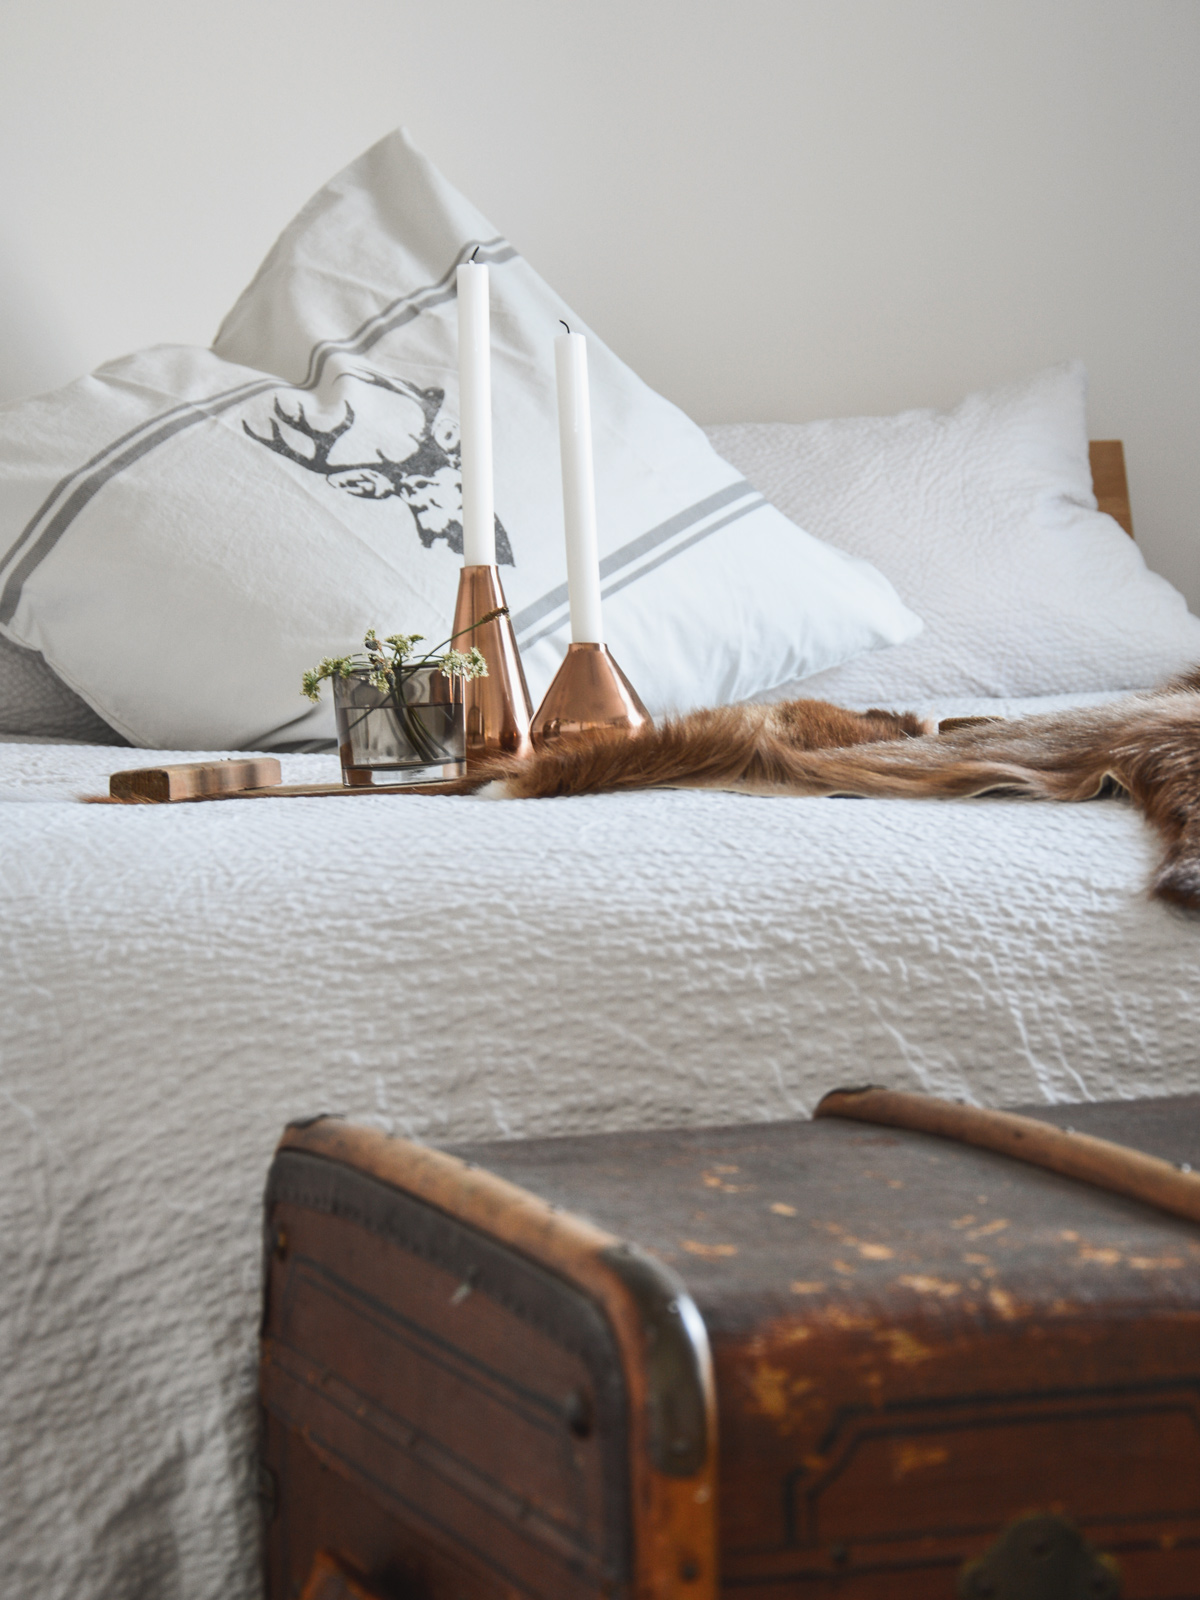 kuschlige stunden in unserem neuen schlafzimmer mxliving. Black Bedroom Furniture Sets. Home Design Ideas